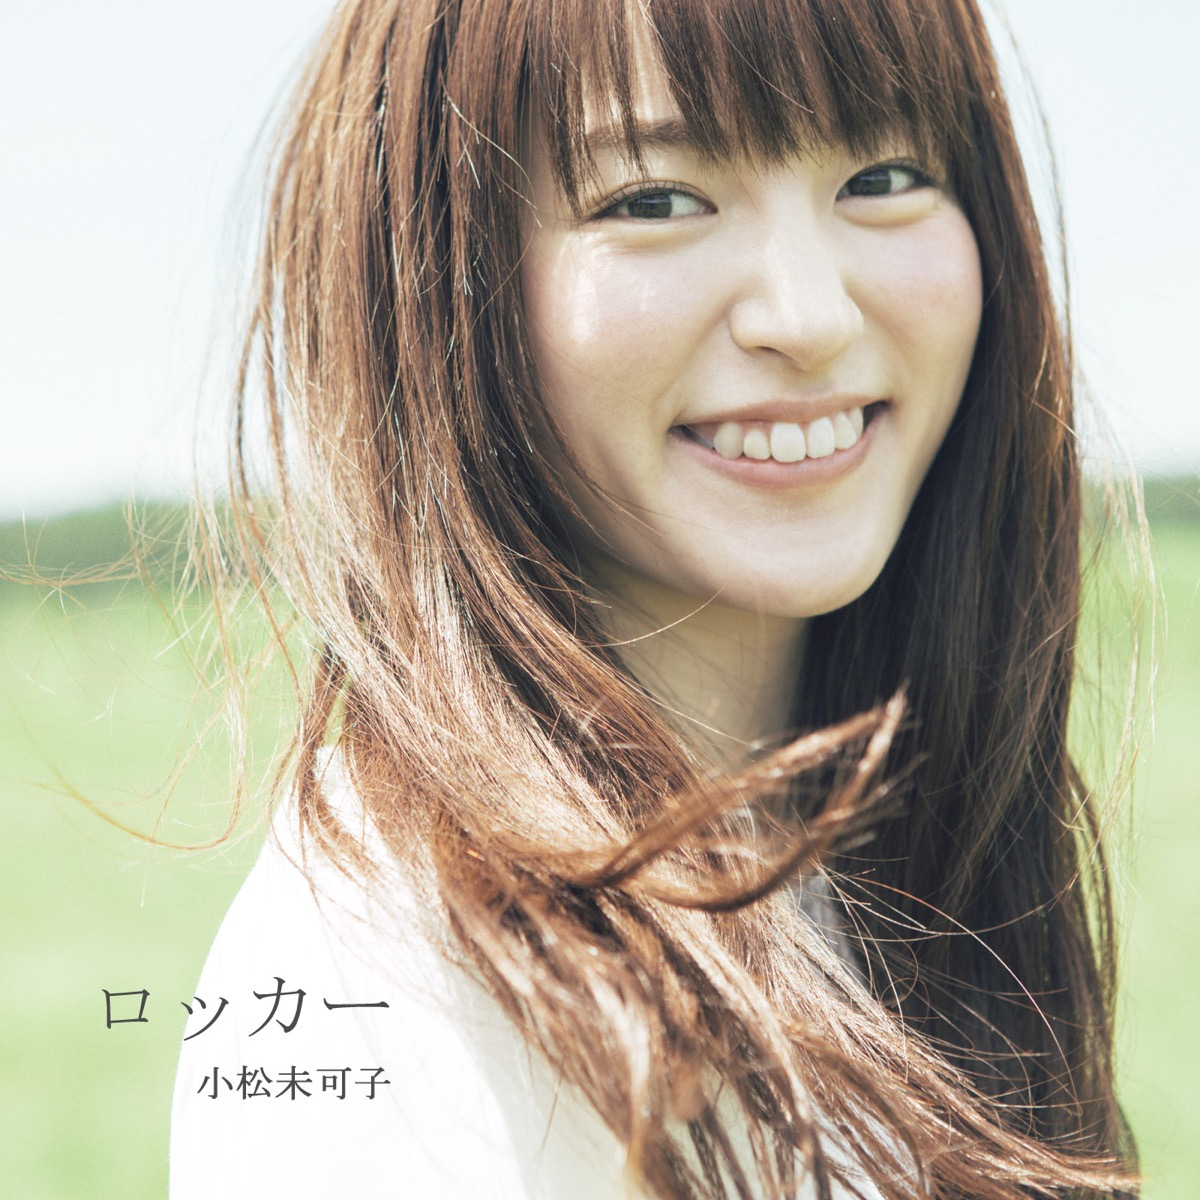 小松未可子さんの画像その75